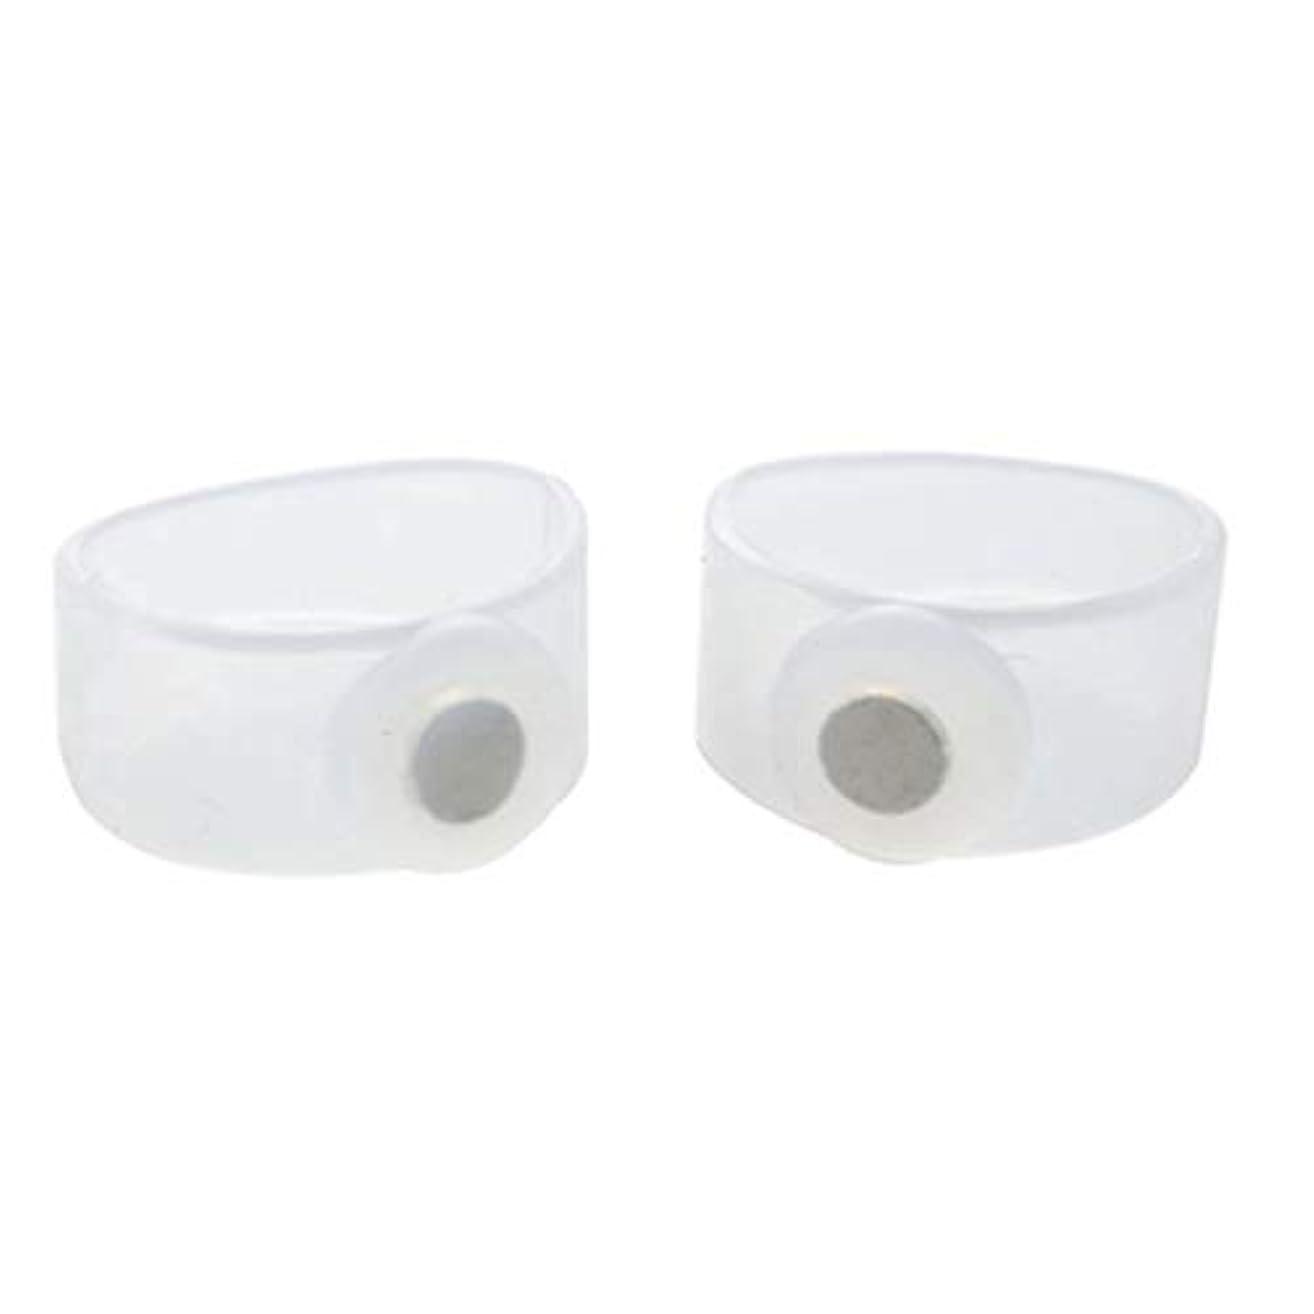 インシュレータ間肥料2ピース痩身シリコン磁気フットマッサージャーマッサージリラックスつま先リング用減量ヘルスケアツール美容製品 - 透明